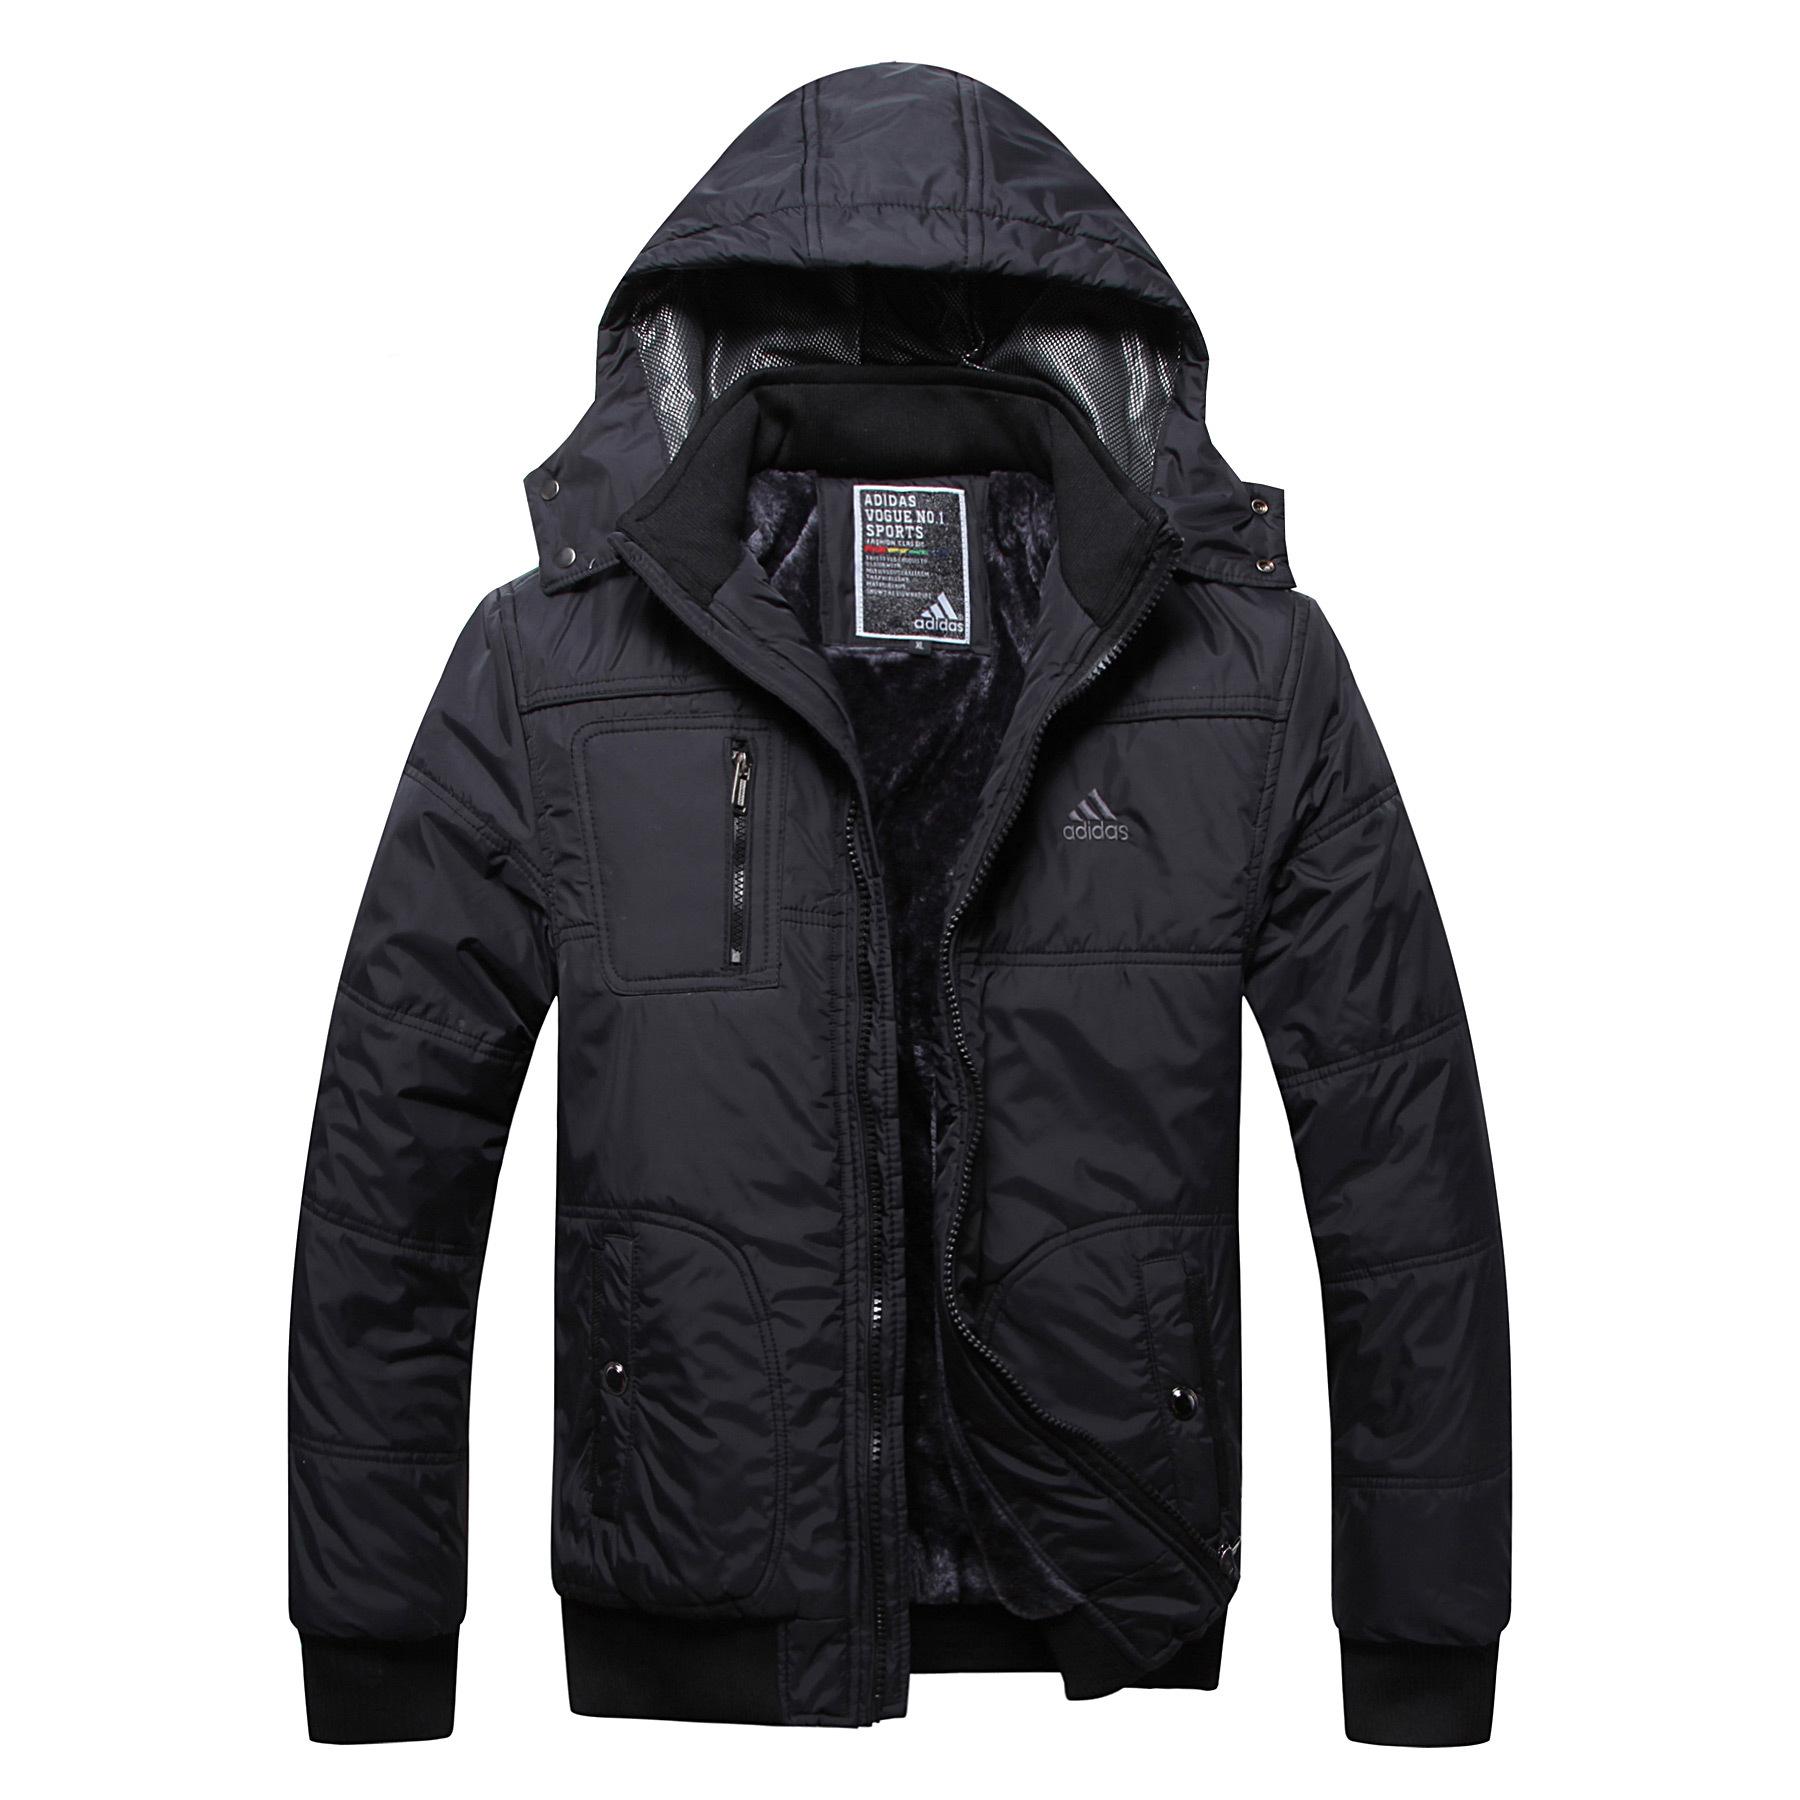 Куртка Adidas 0066 Длинная модель (длина одежды ниже середины бедра)